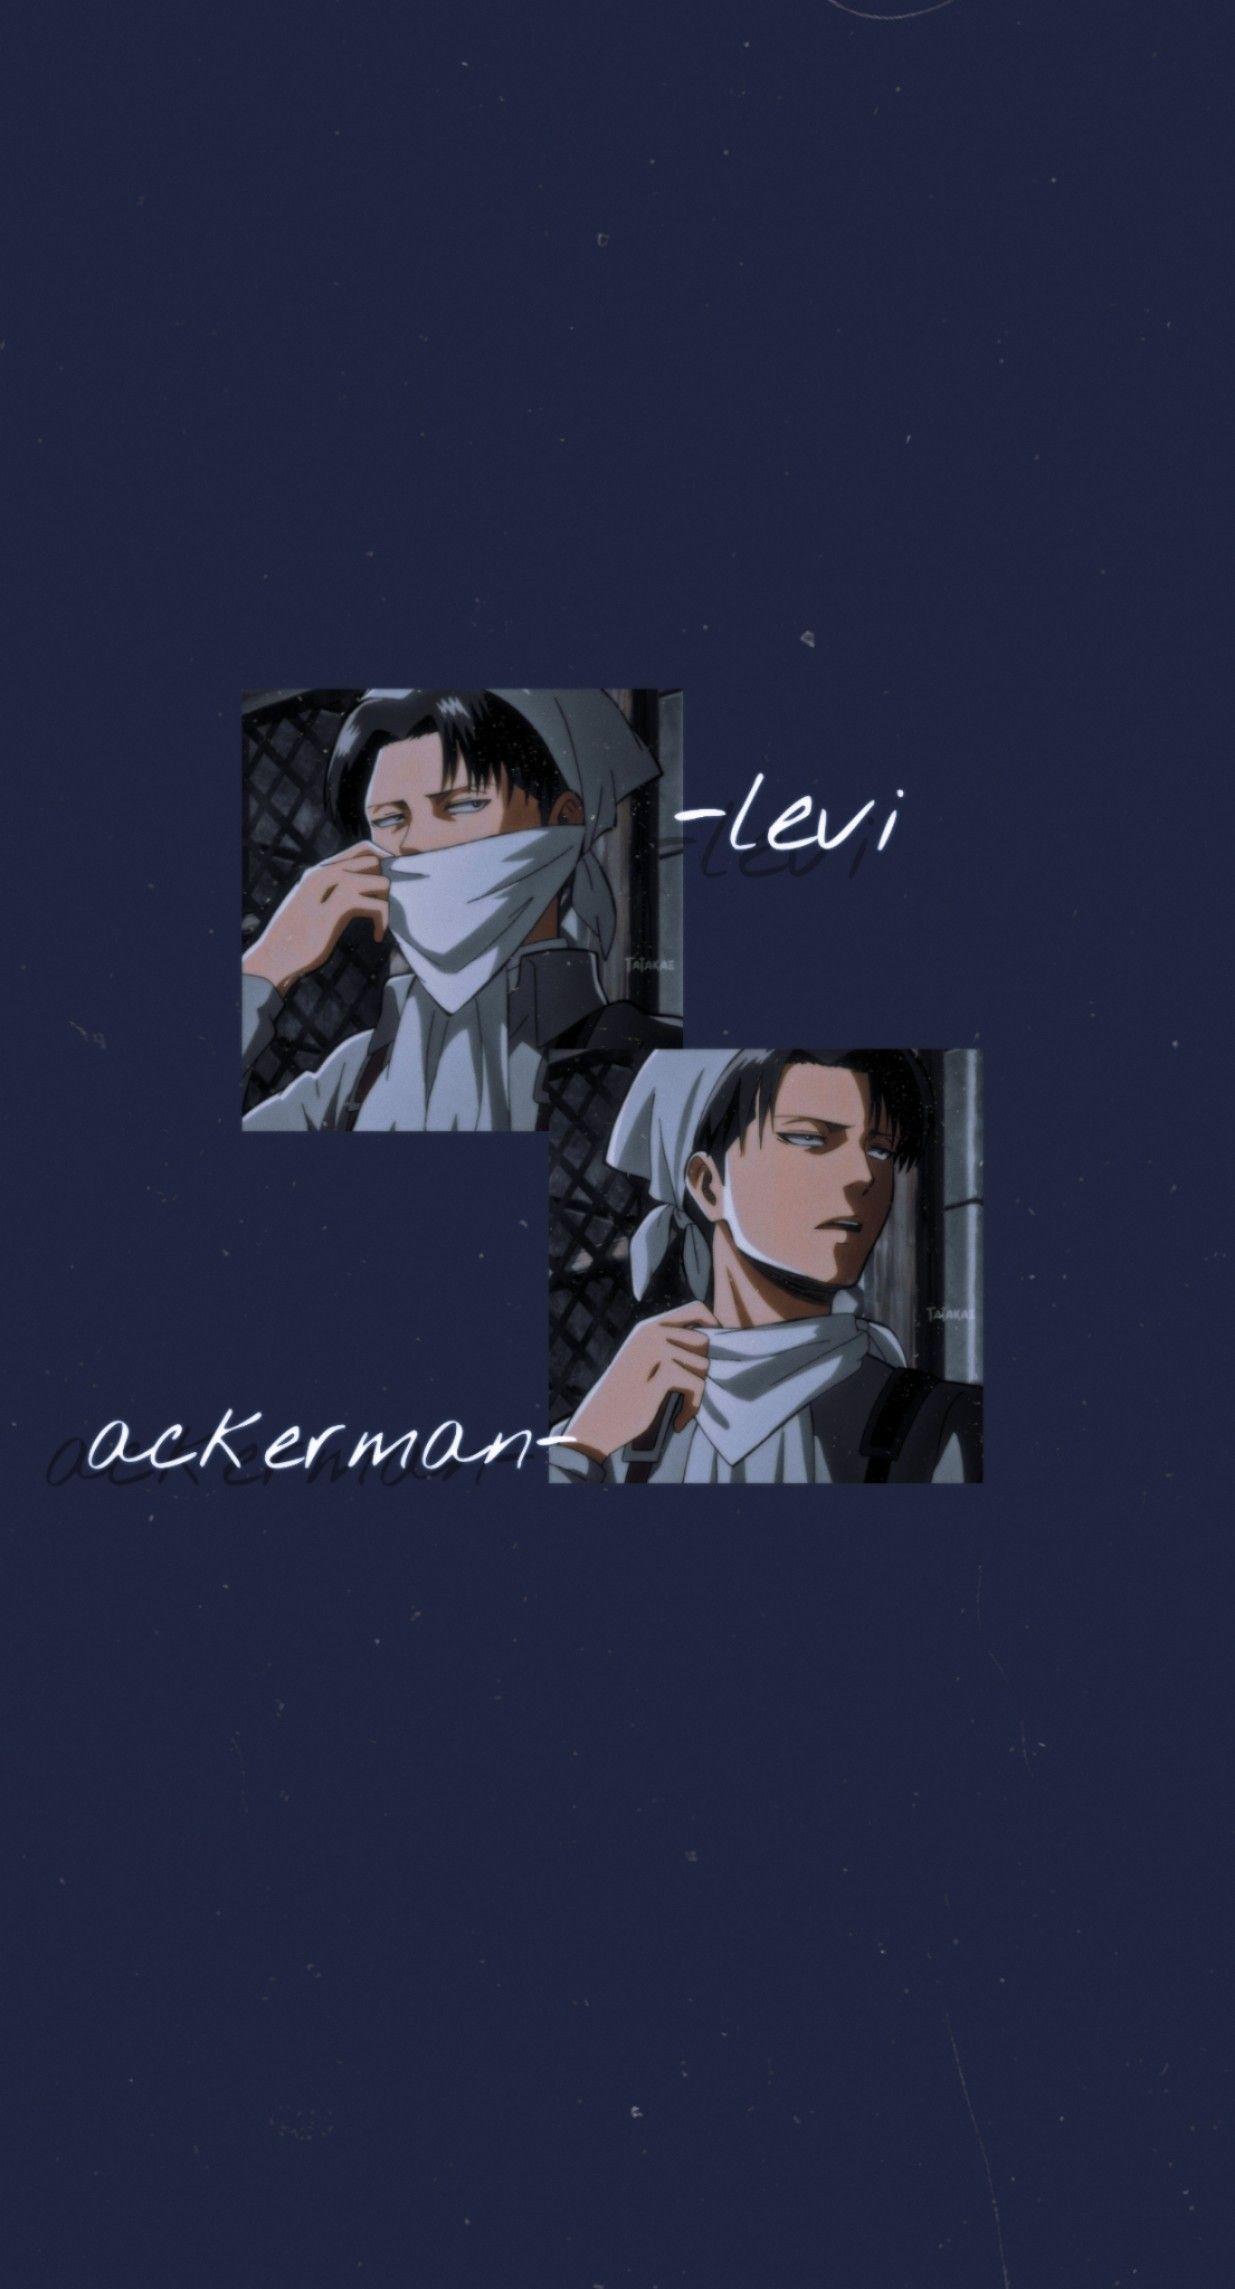 Levi Ackerman In 2020 Anime Boyfriend Attack On Titan Levi Cute Anime Wallpaper